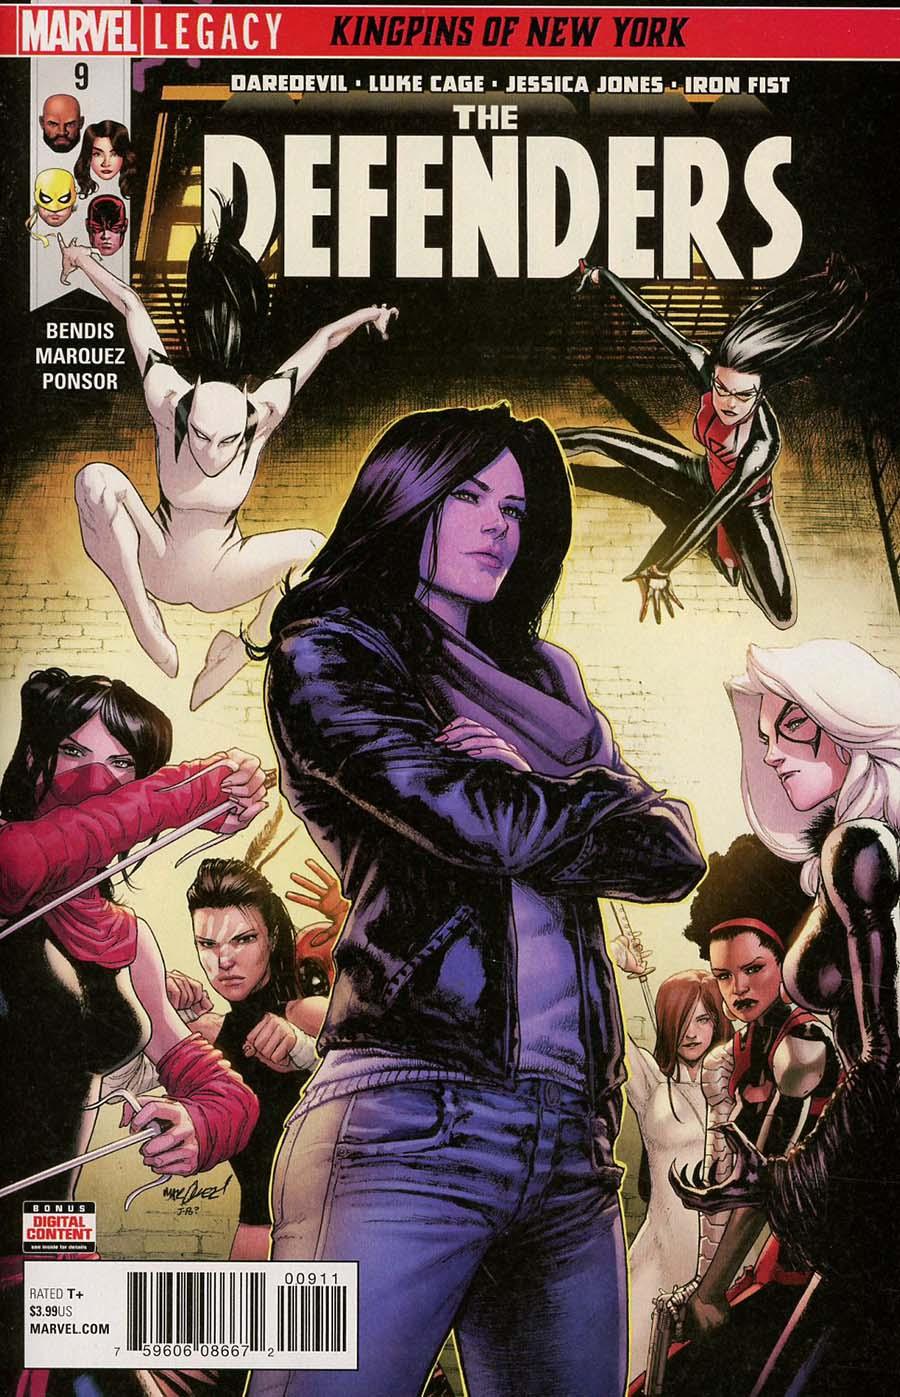 Defenders Vol 5 #9 (Marvel Legacy Tie-In)